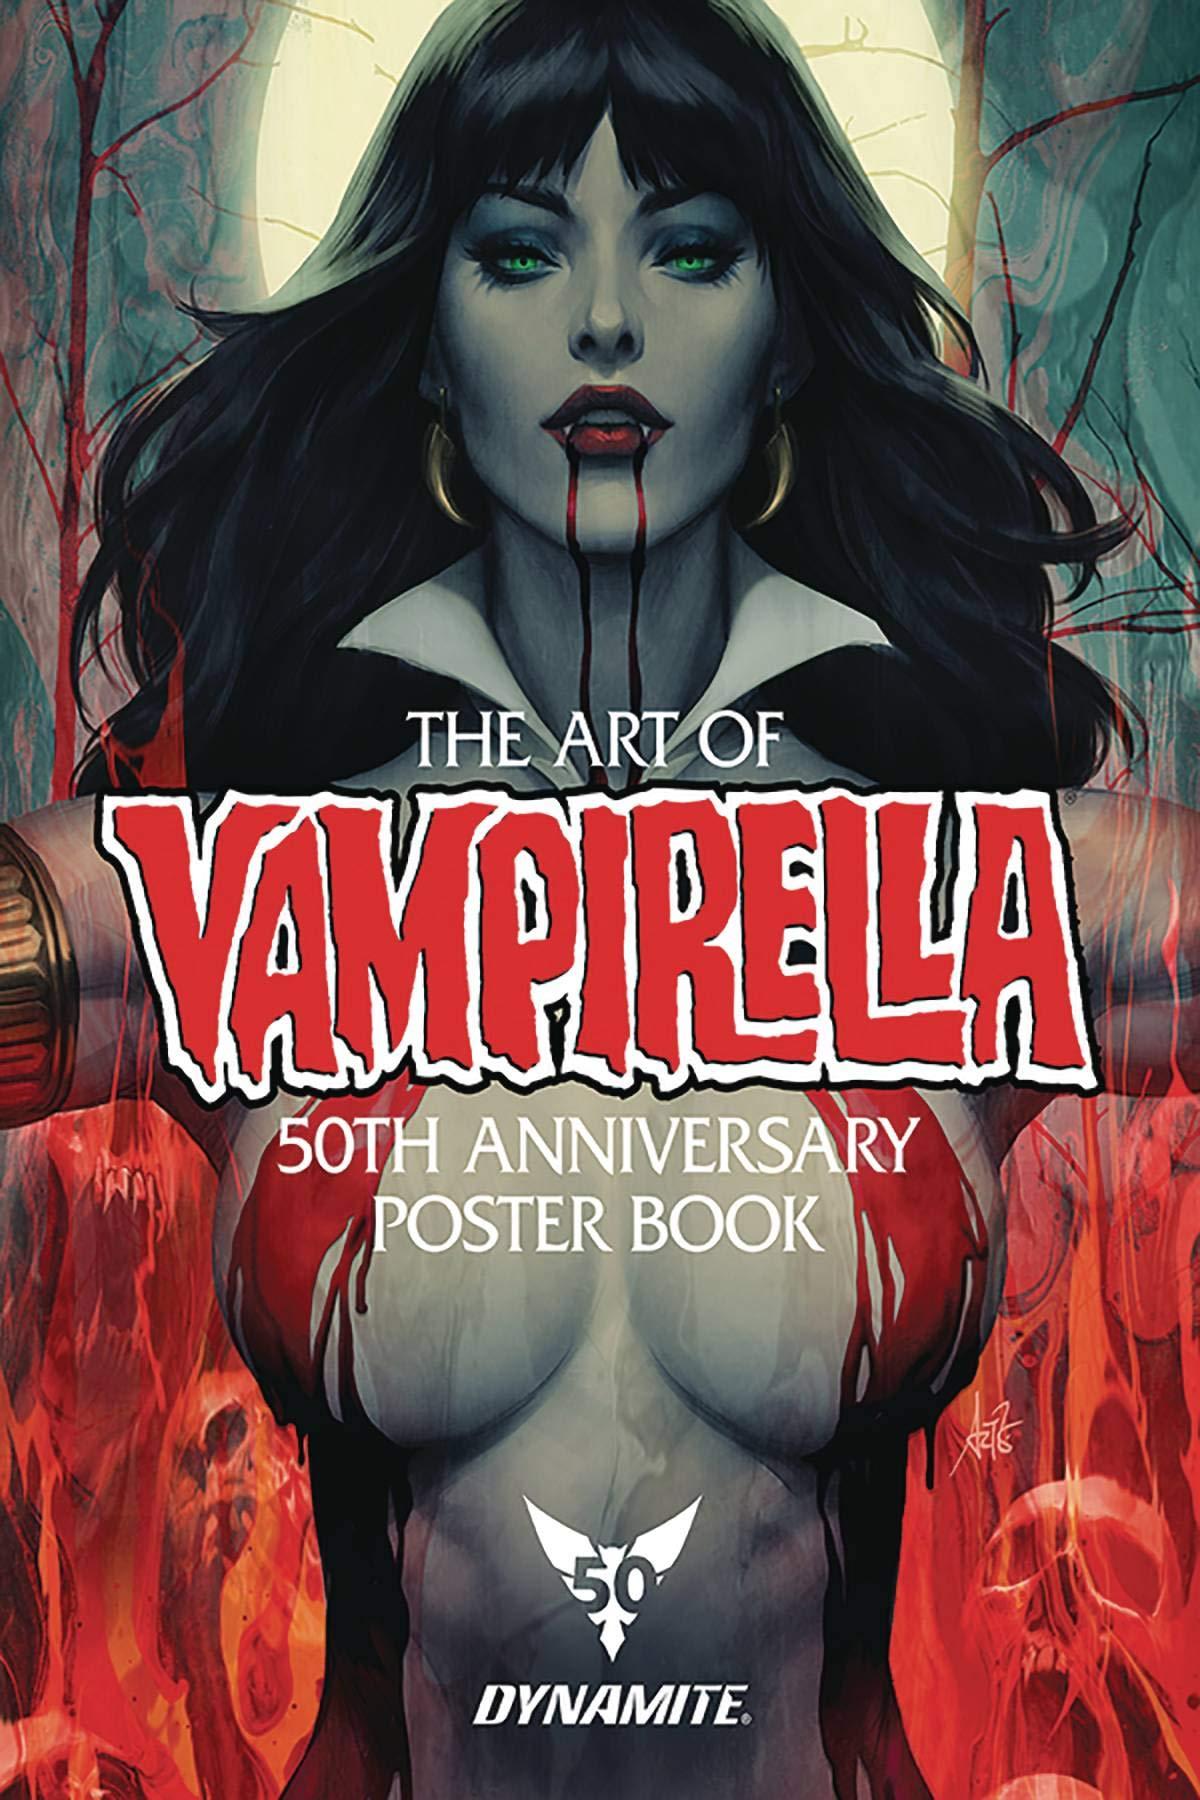 Libro de carteles del 50 aniversario de Vampirella (cómic) - Edición en ingles, 2019